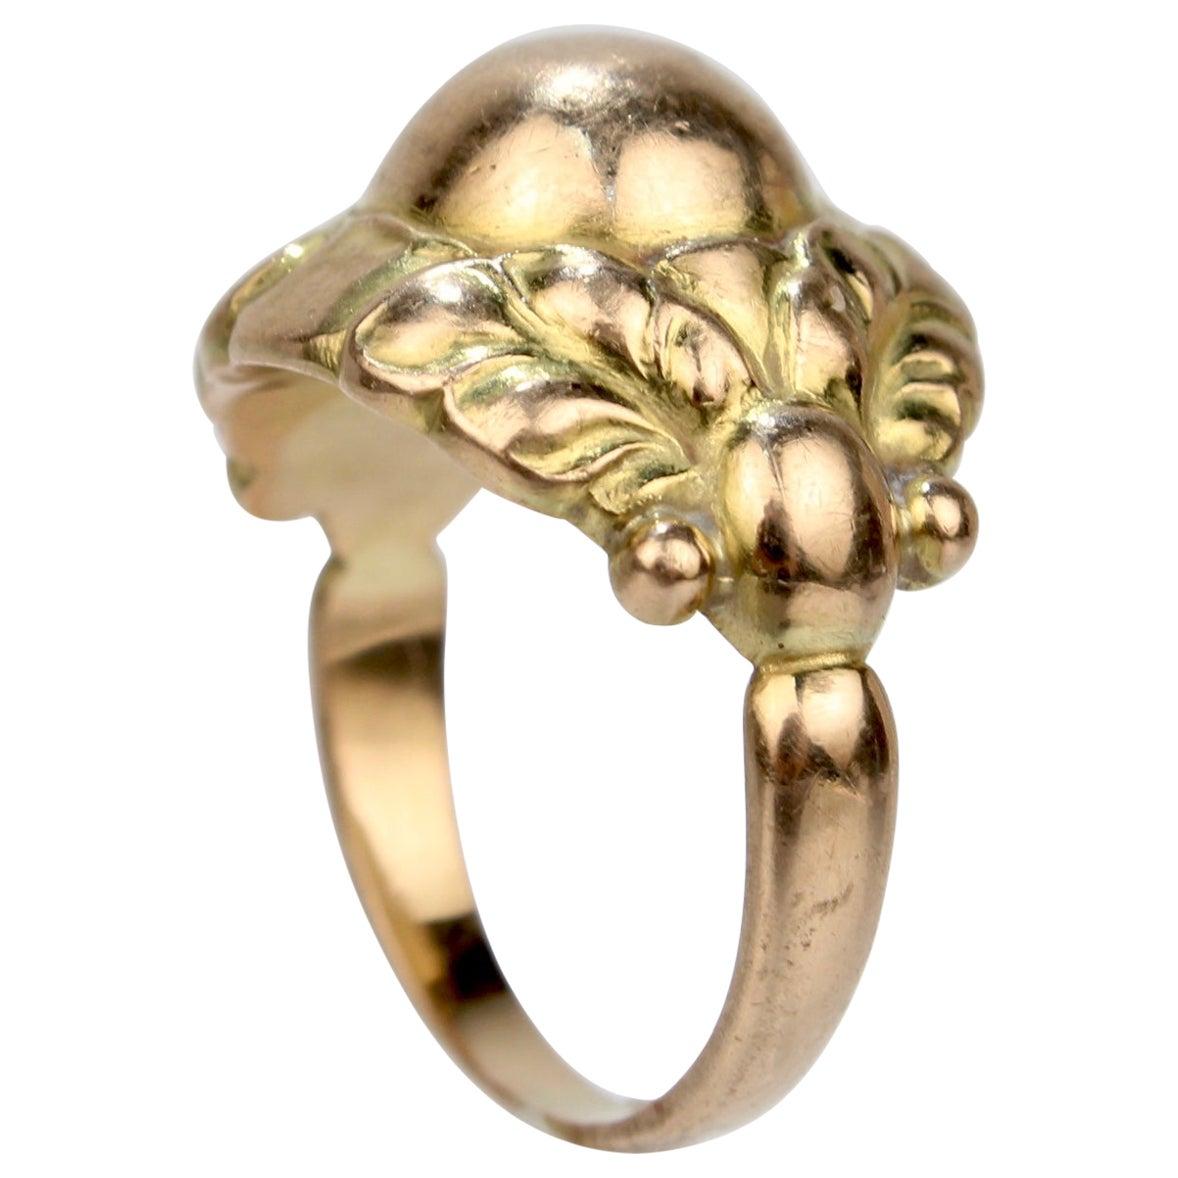 Georg Jensen 18 Karat Gold Ring Model No. 111 B